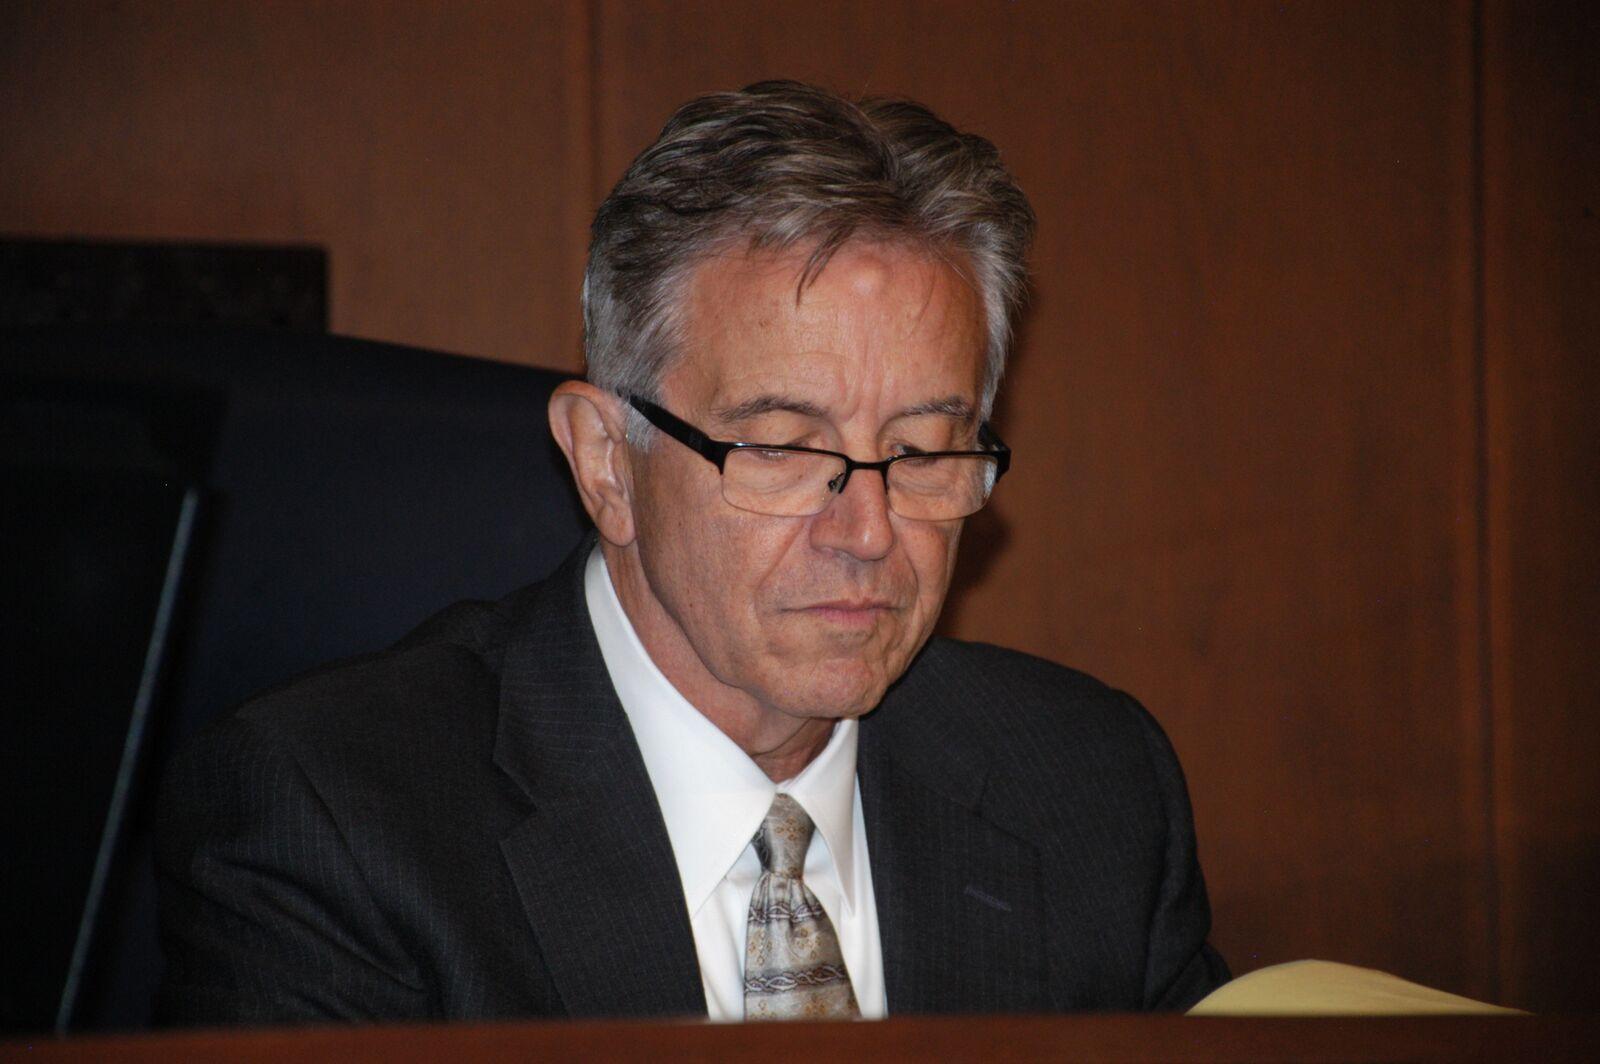 migliore qualità Stati Uniti sporchi online di bell'aspetto St. Charles judge sets date for hearing to decide whether Trakas ...